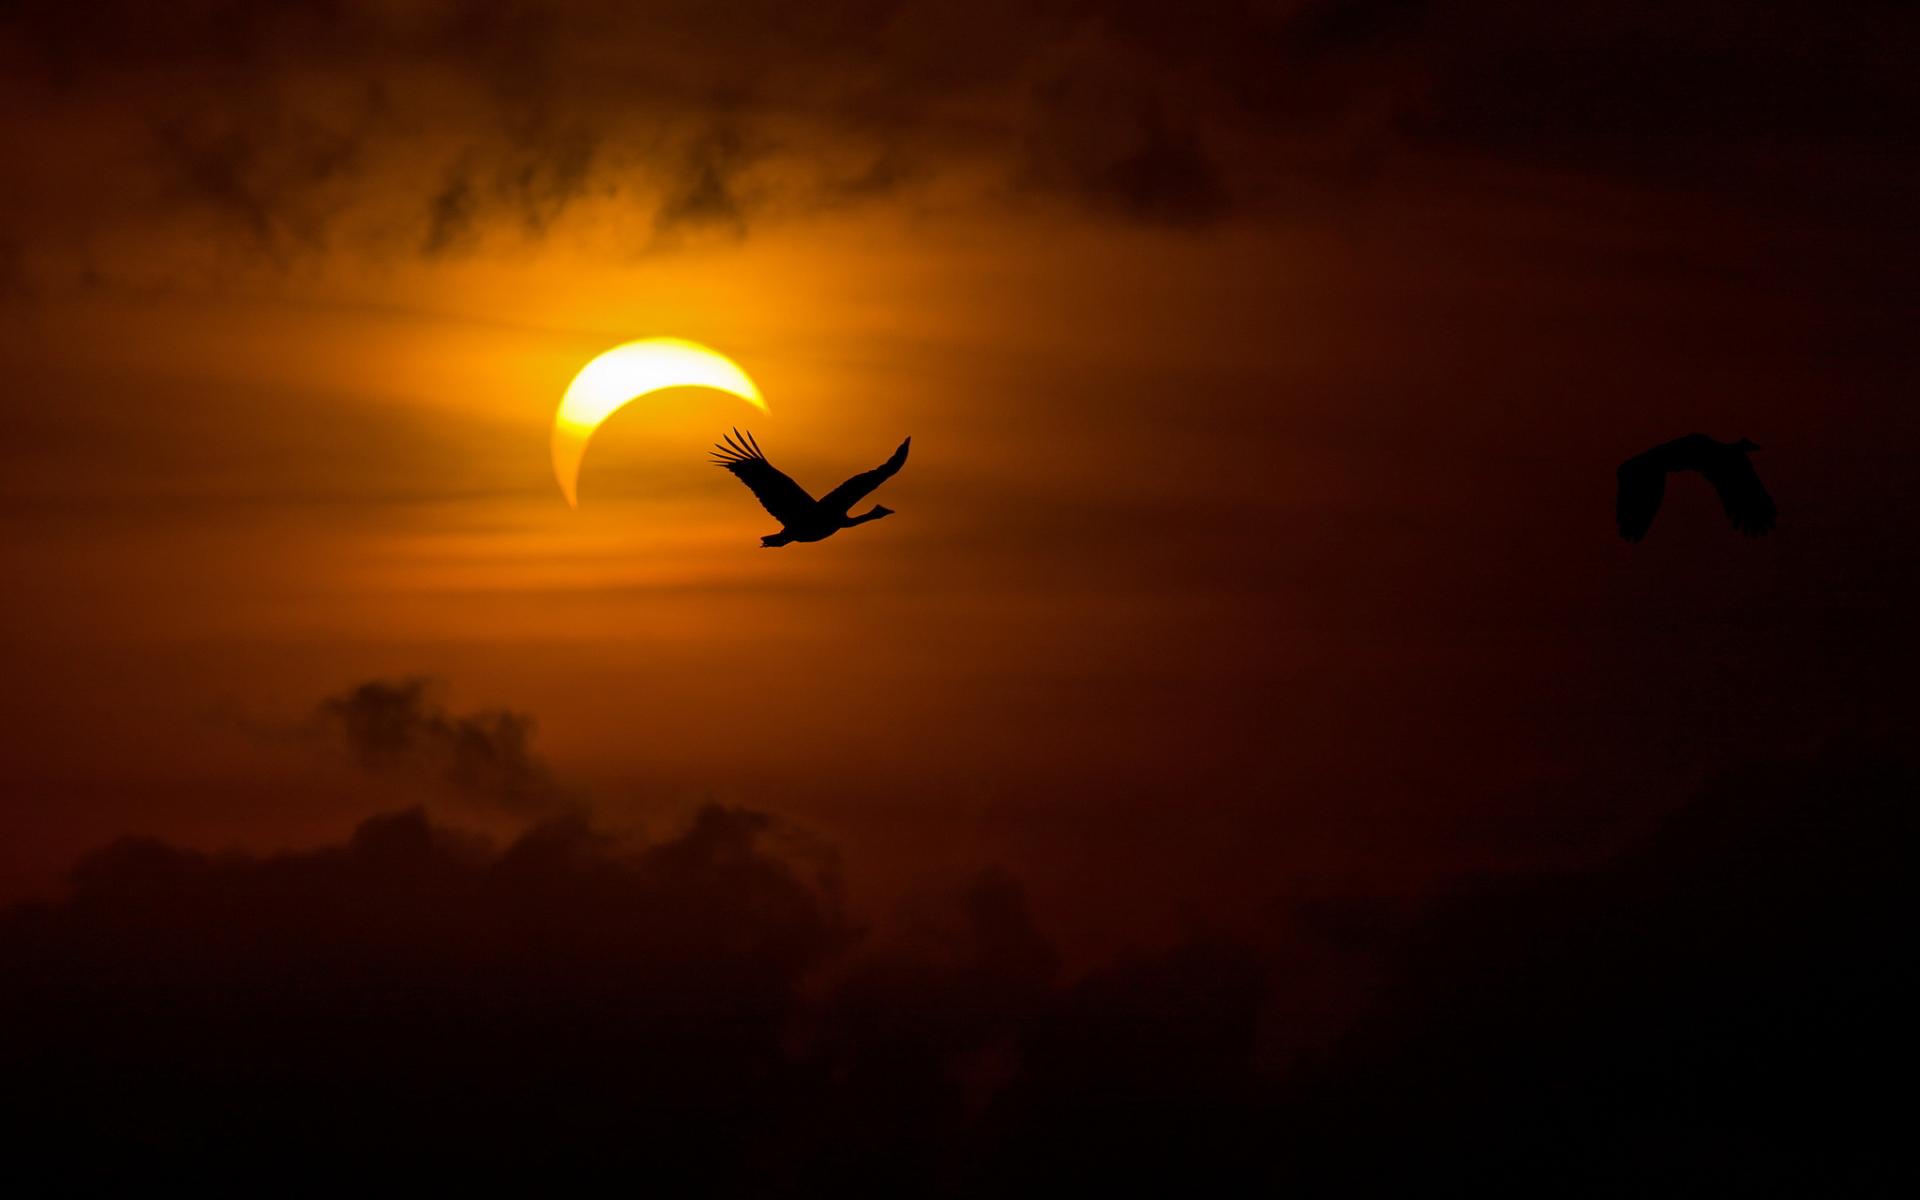 Près de l'éclipse, à vol d'oiseaux ! © eweb4.com